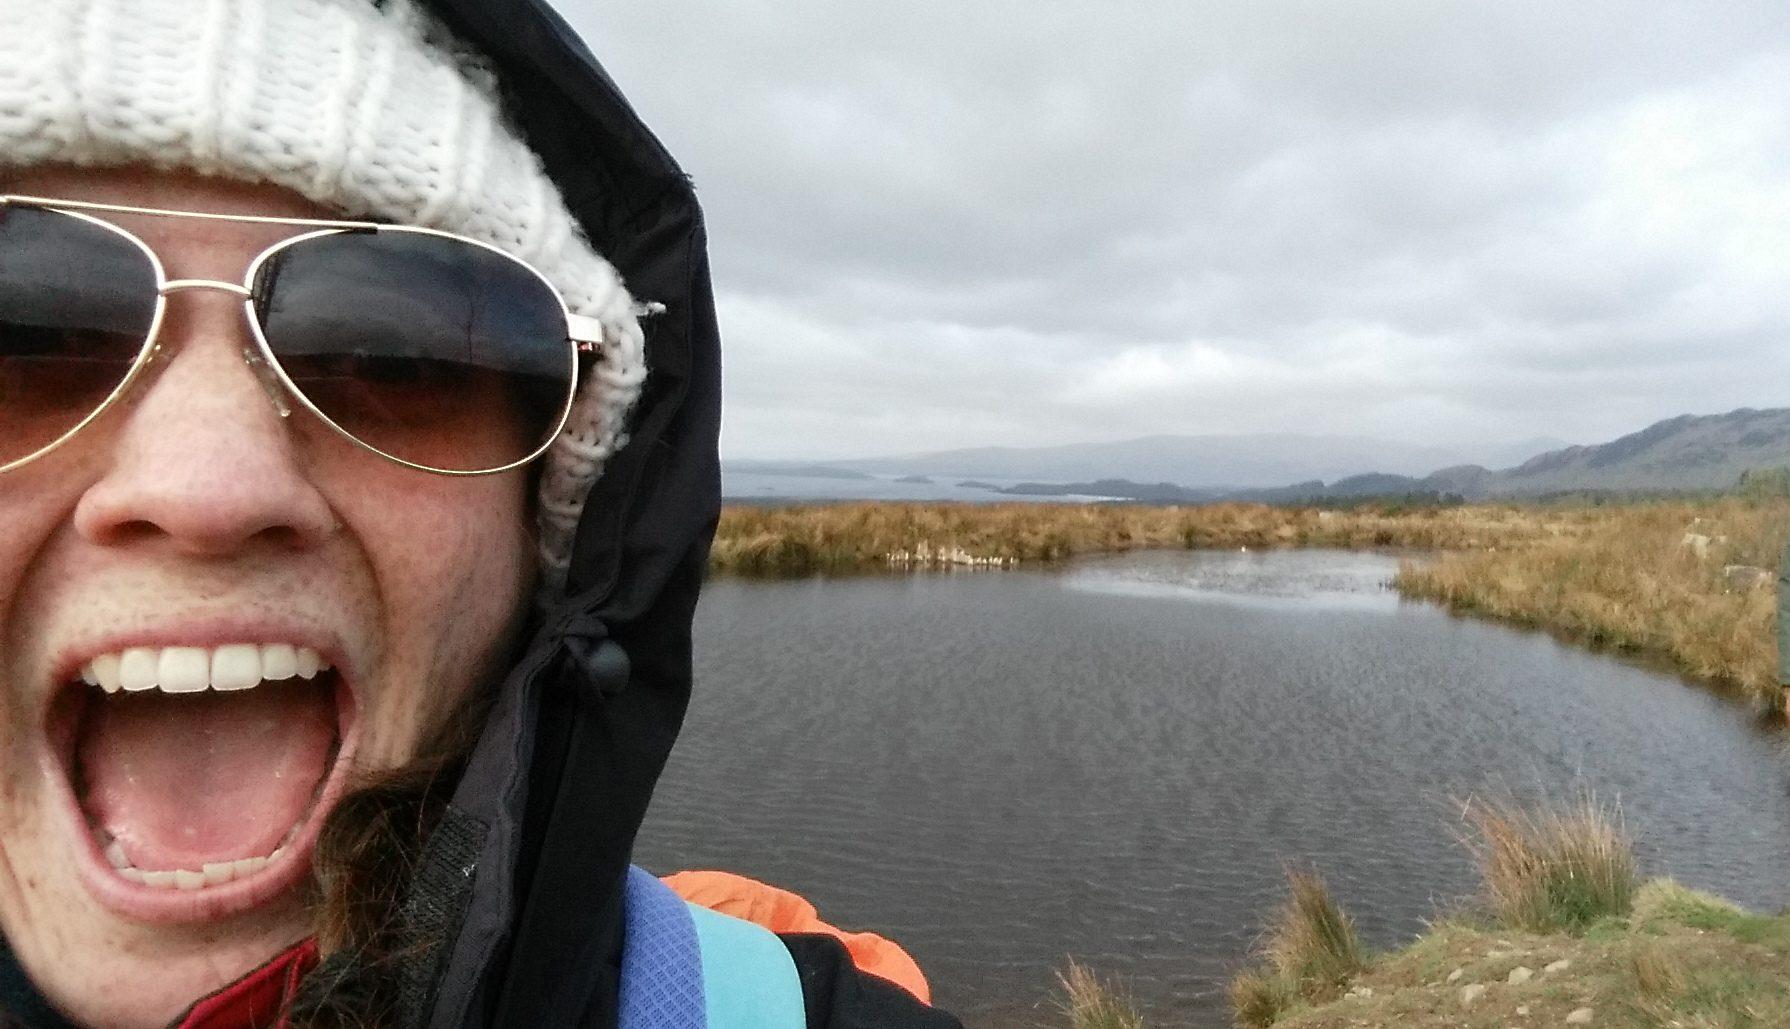 An Aussie In Scotland